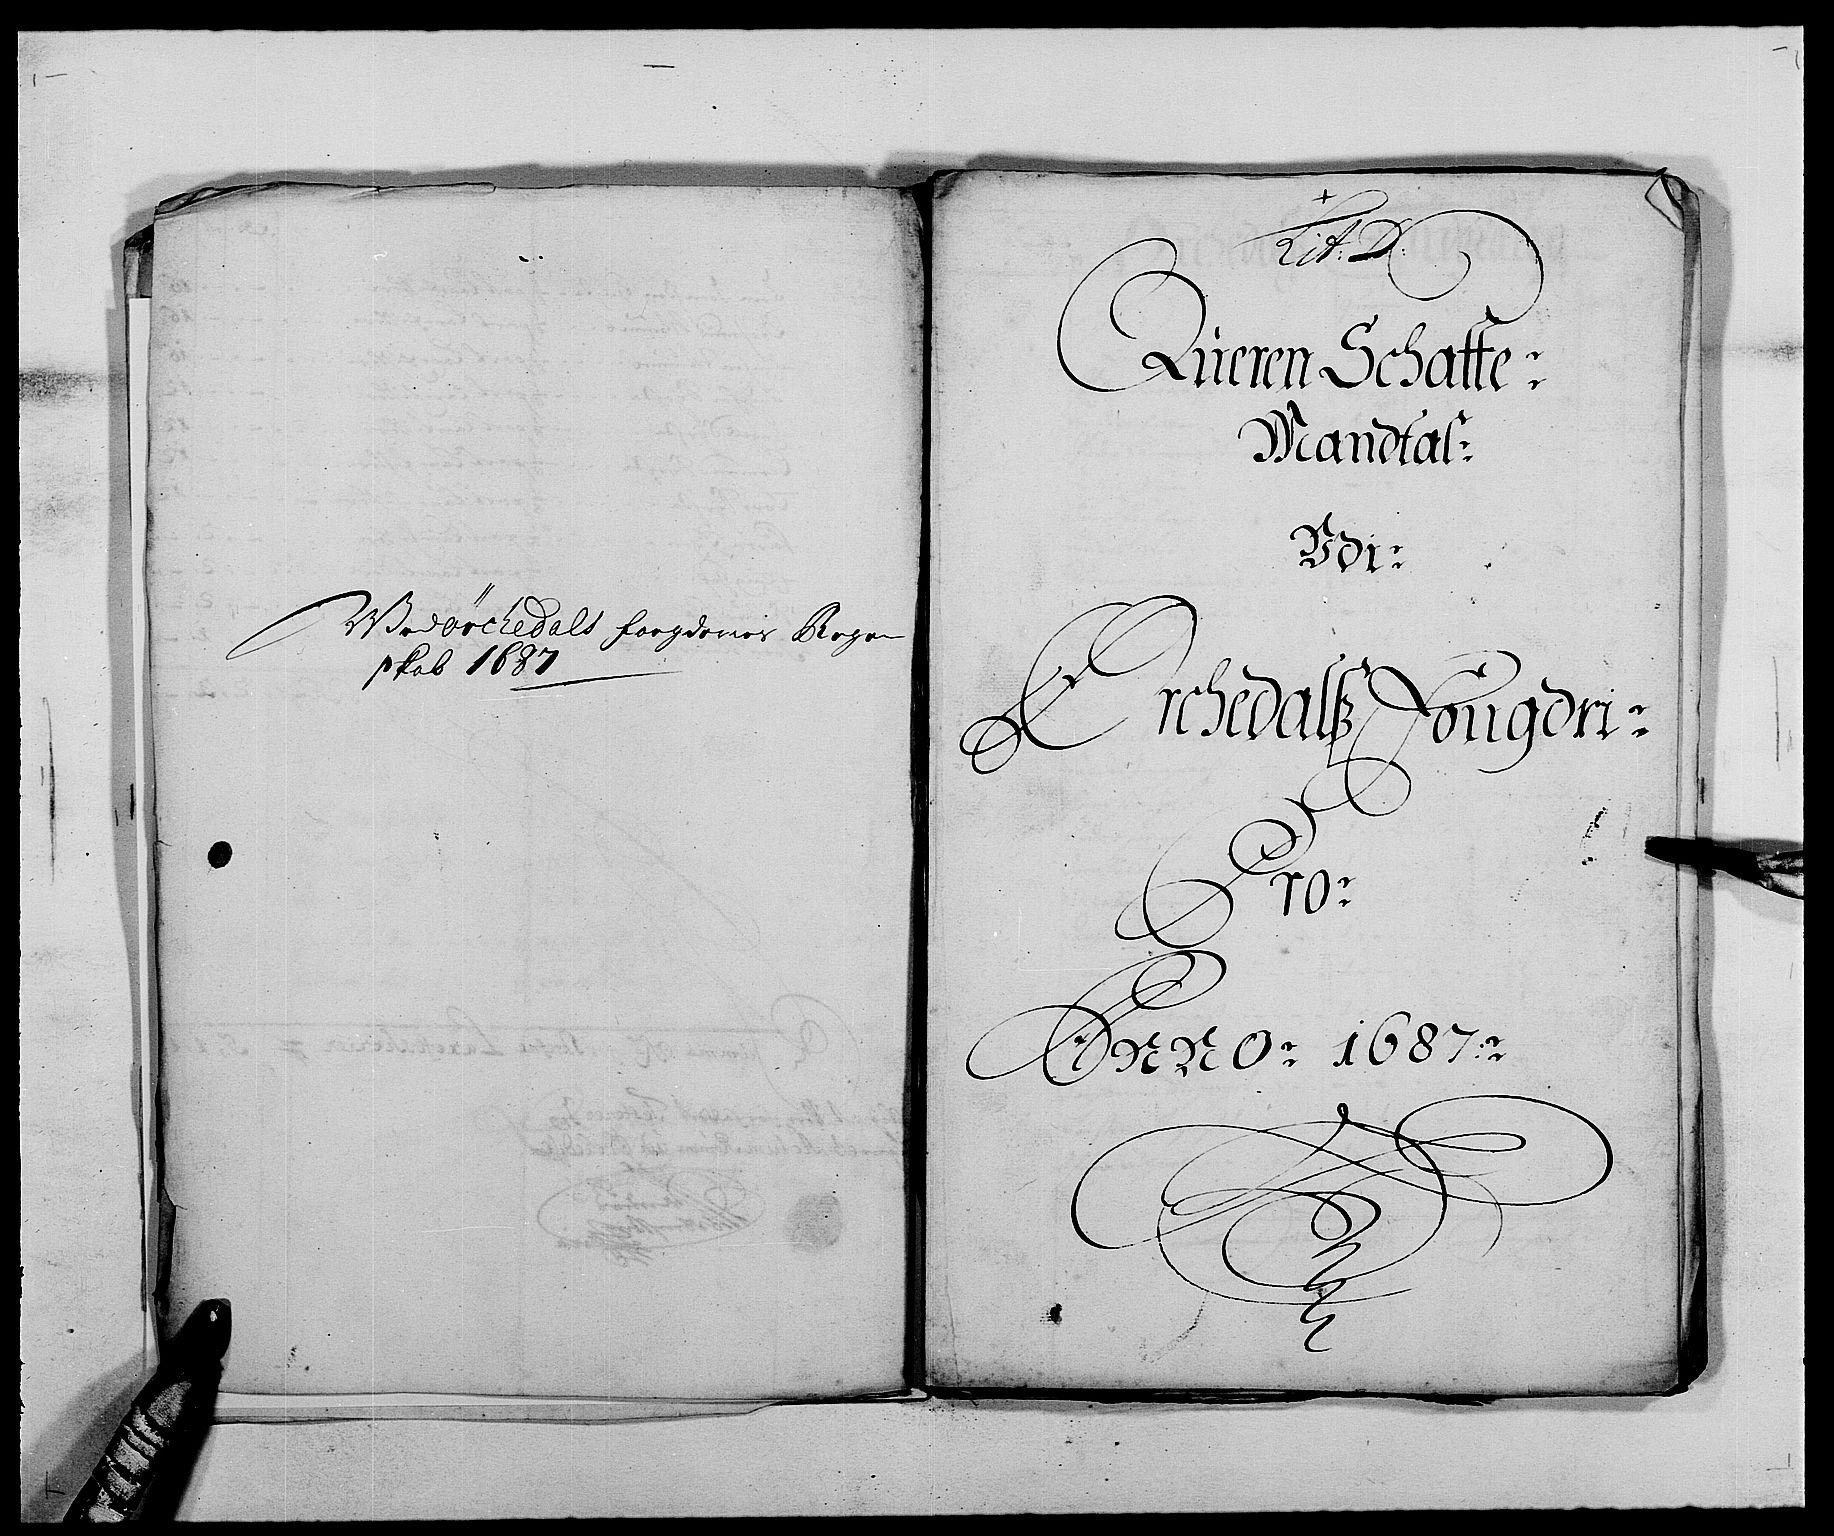 RA, Rentekammeret inntil 1814, Reviderte regnskaper, Fogderegnskap, R58/L3935: Fogderegnskap Orkdal, 1687-1688, s. 68